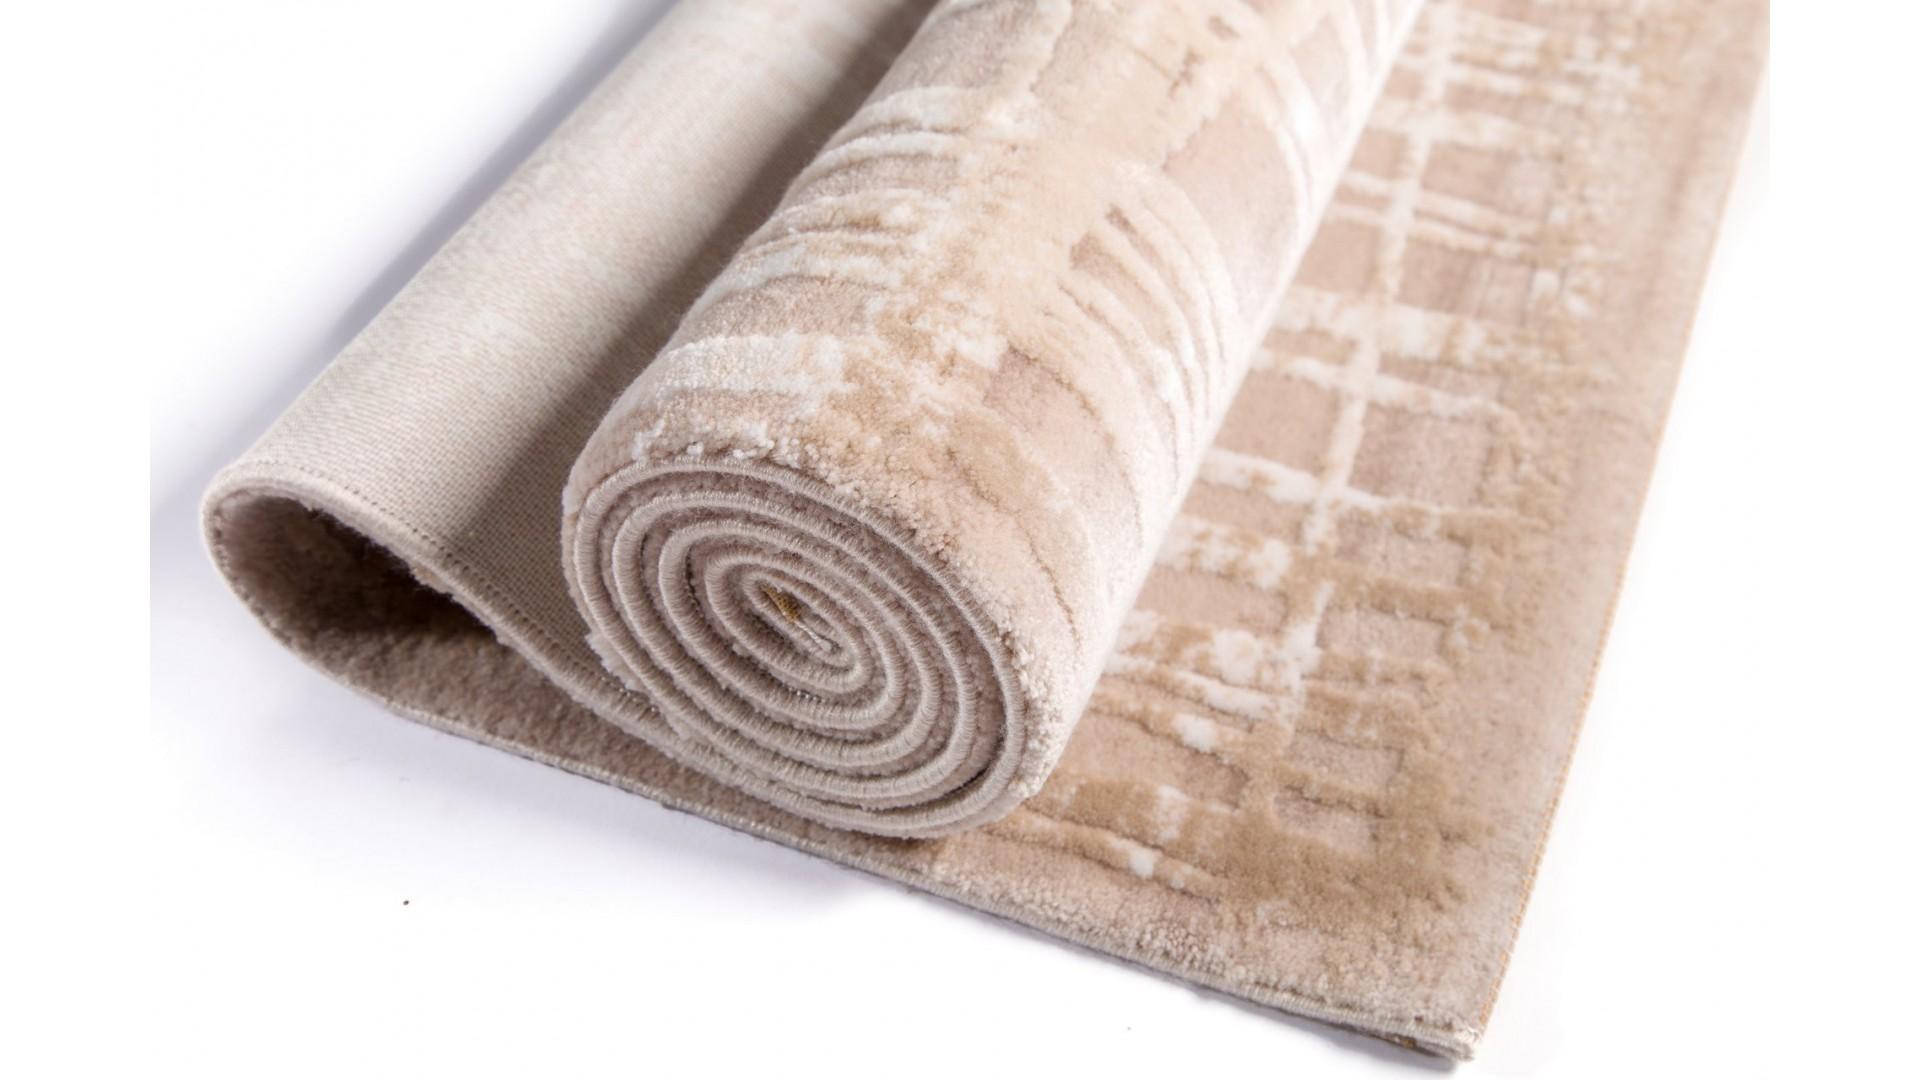 Super dywany akrylowe. Do każdego pomieszczenia. Super jakość